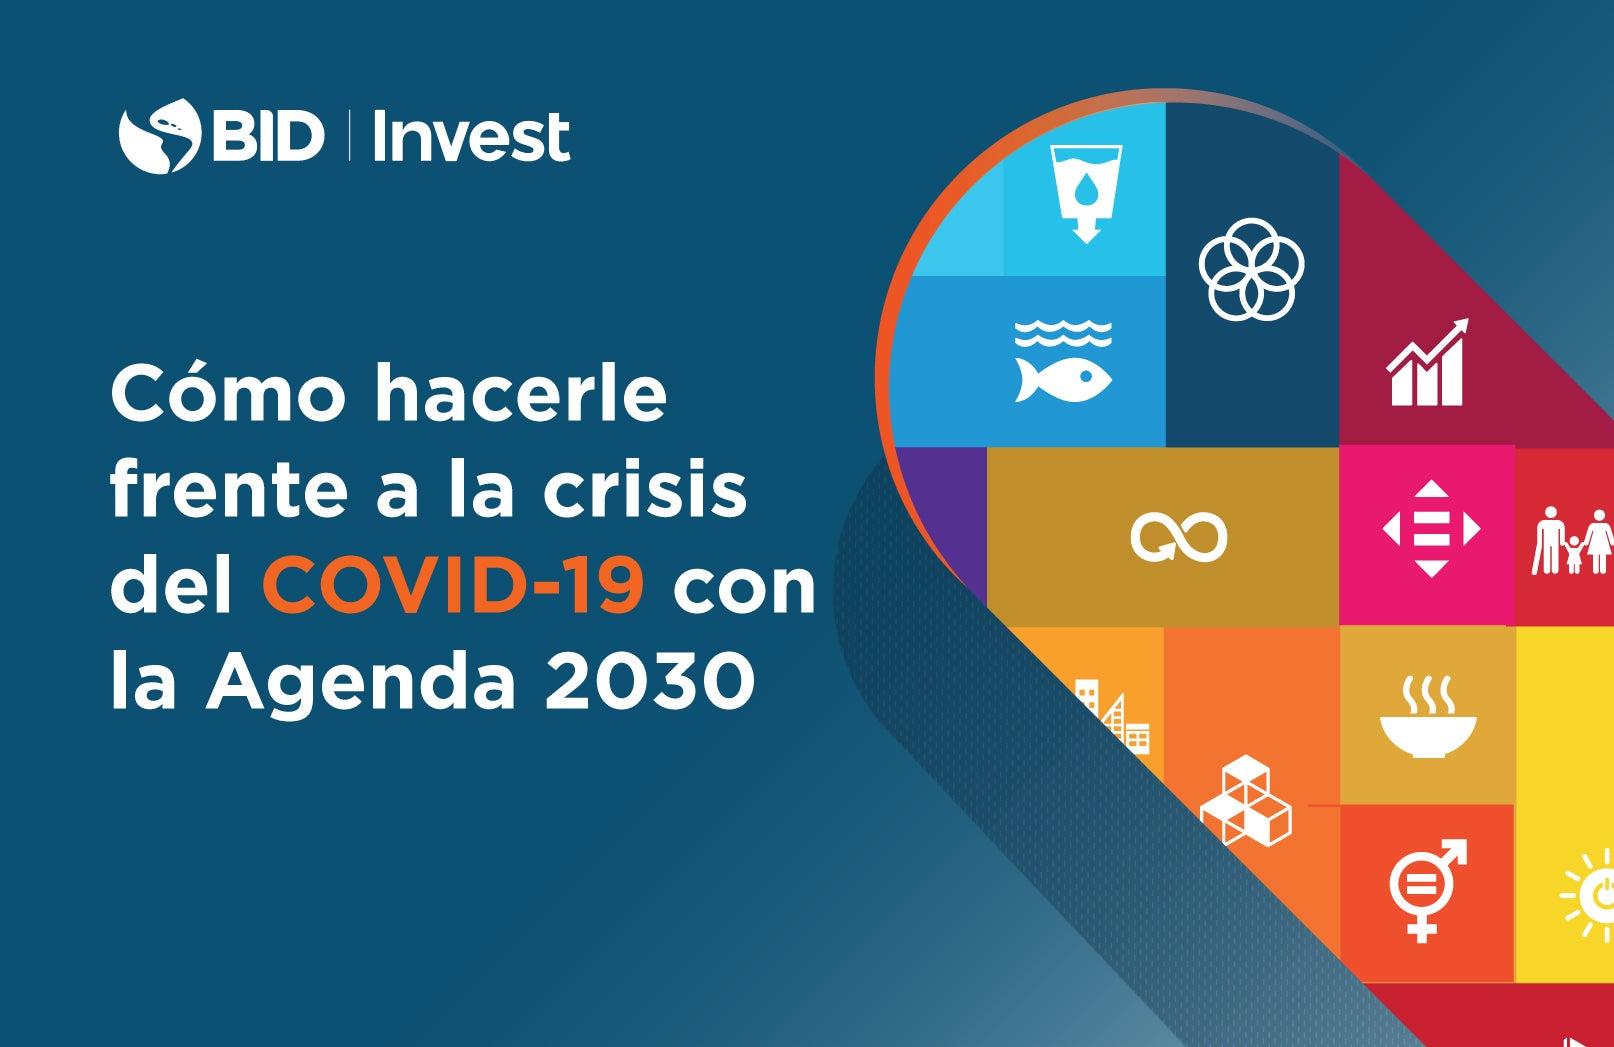 Cómo hacerle frente a la crisis del COVID-19 con la Agenda 2030